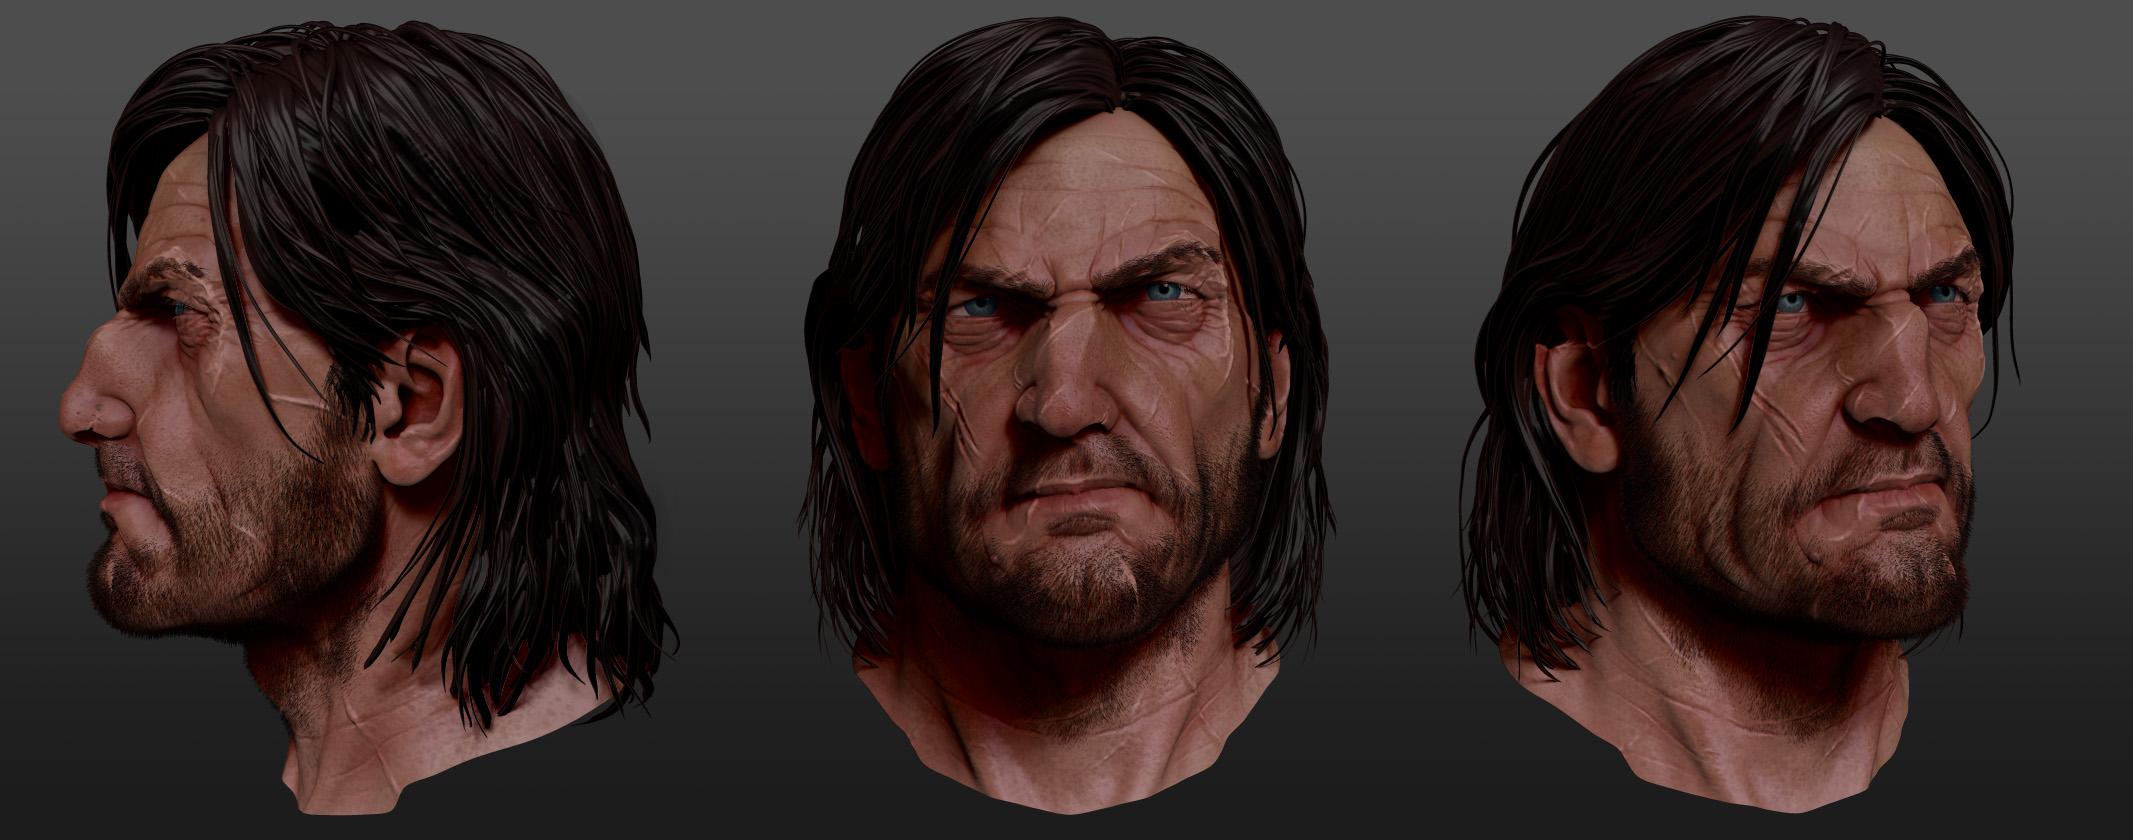 logen_ninefingers_from_the_blade_itself_